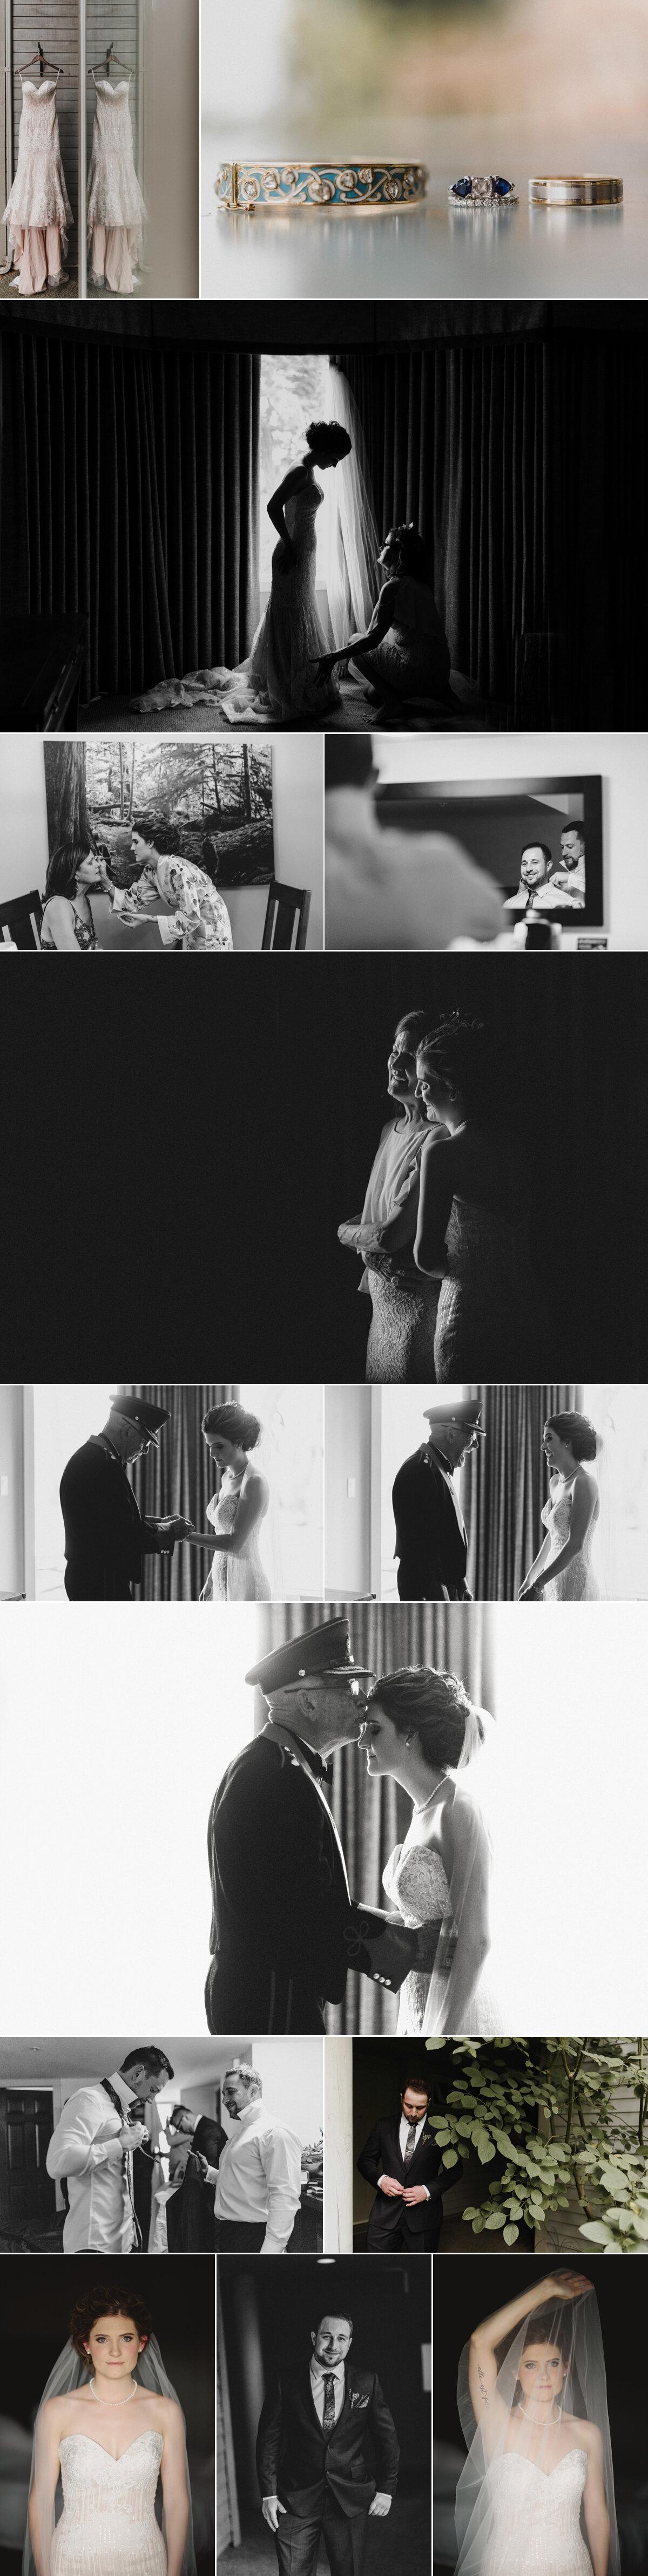 188金宝博线上平台萨默维尔的婚礼